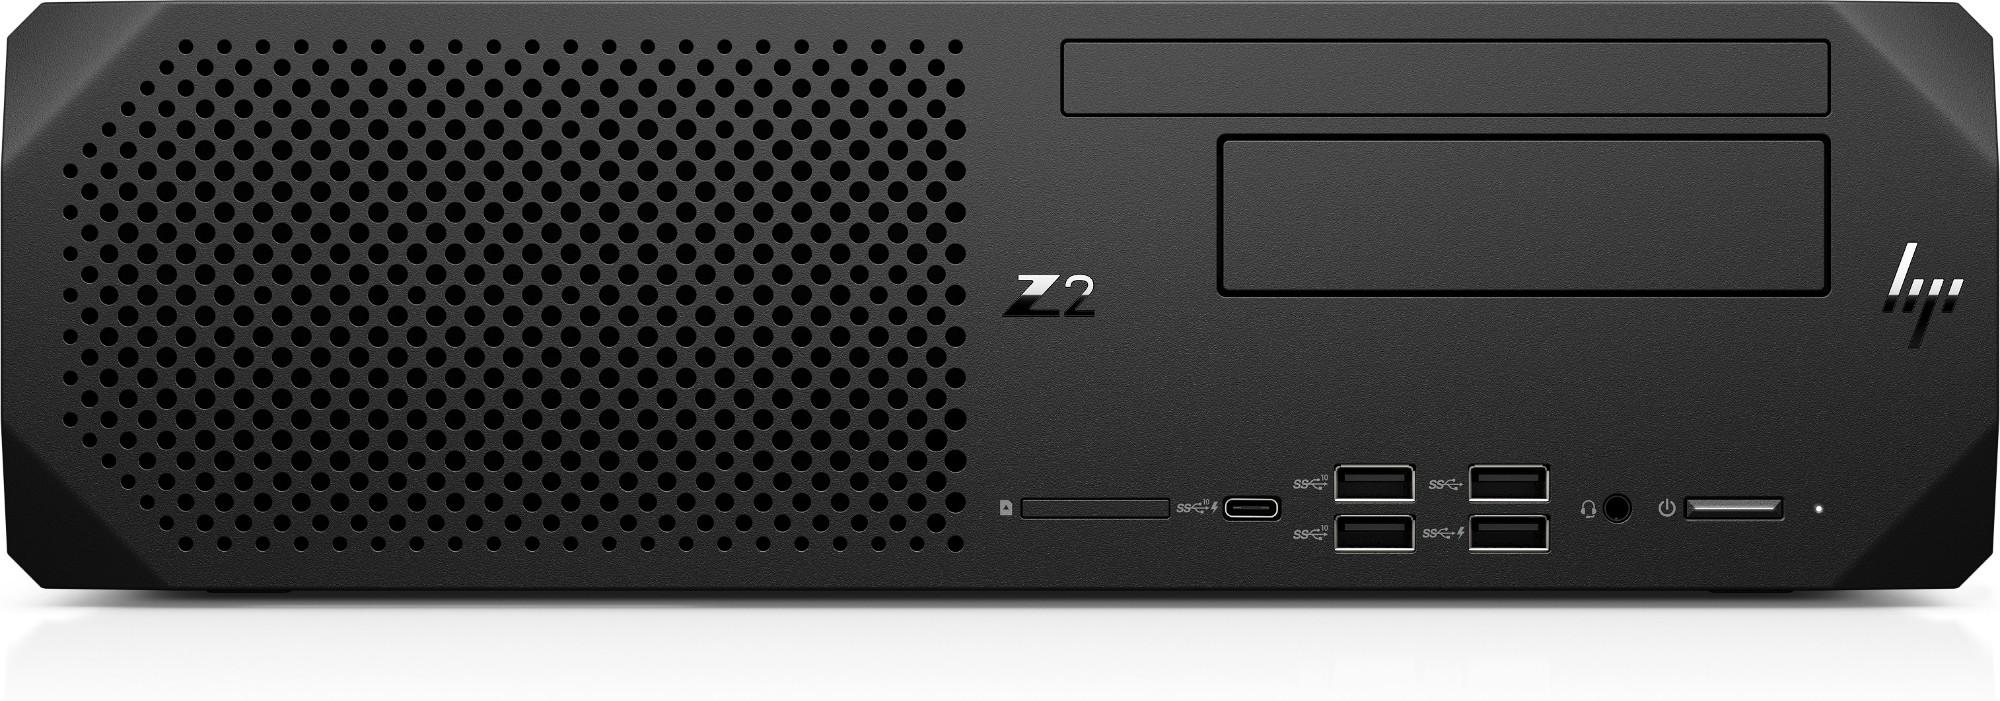 HP Z2 SFF G5 DDR4-SDRAM i7-10700 10th gen Intel® Core™ i7 8 GB 512 GB SSD Windows 10 Pro for Workstations Workstation Black